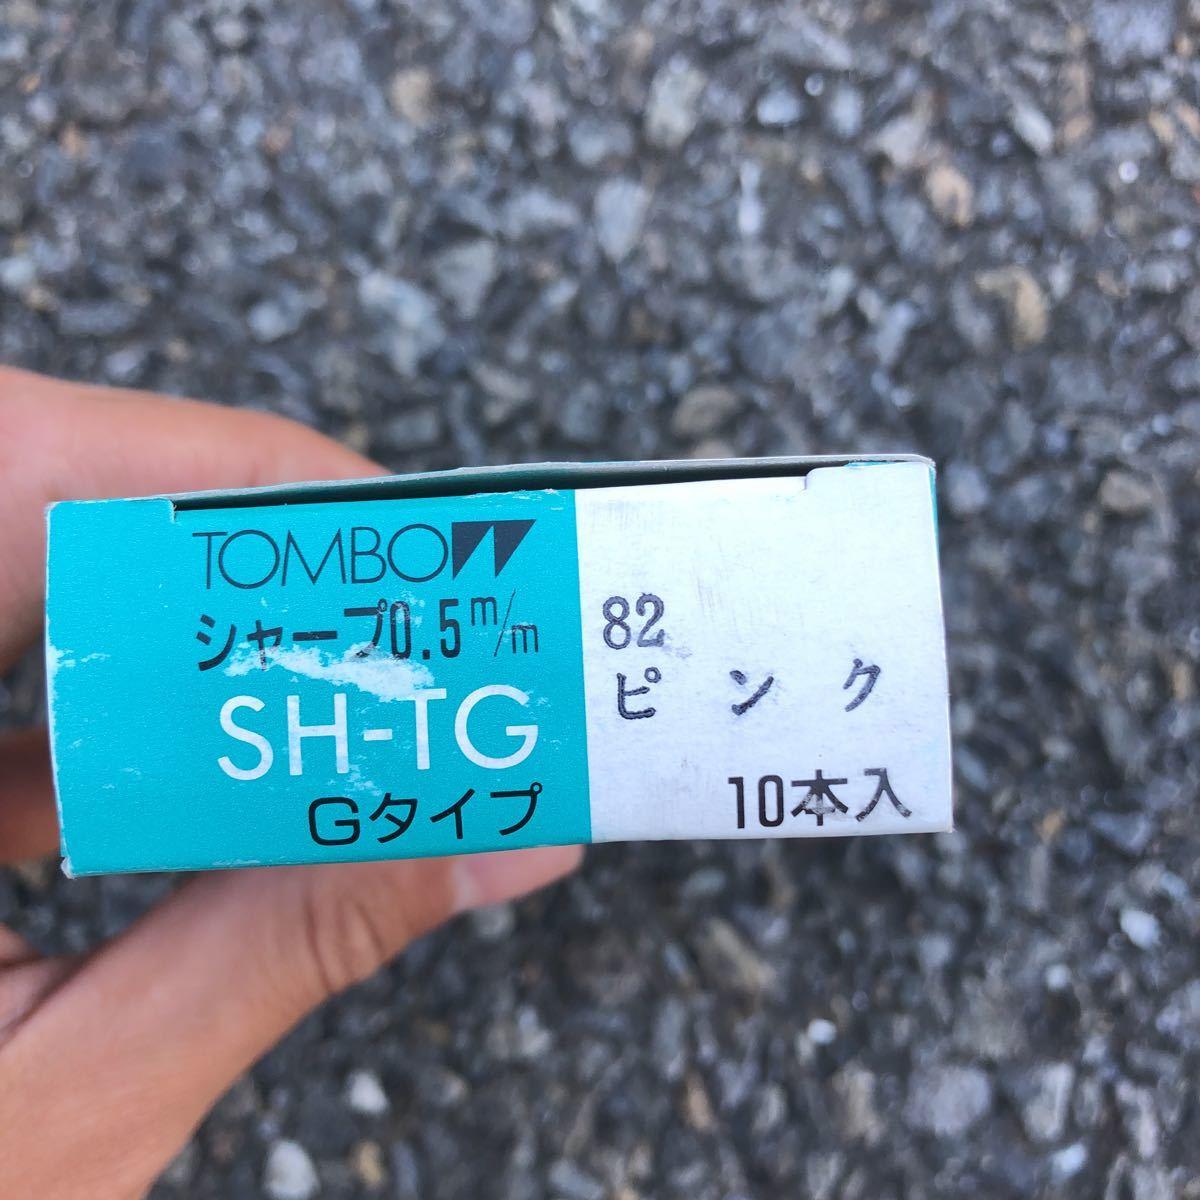 送料無料【未使用】トンボ鉛筆 SH-TG G-type 廃盤 廃番 10本入 デッドストック シャープペンシル 0.5mm ピンク_画像3